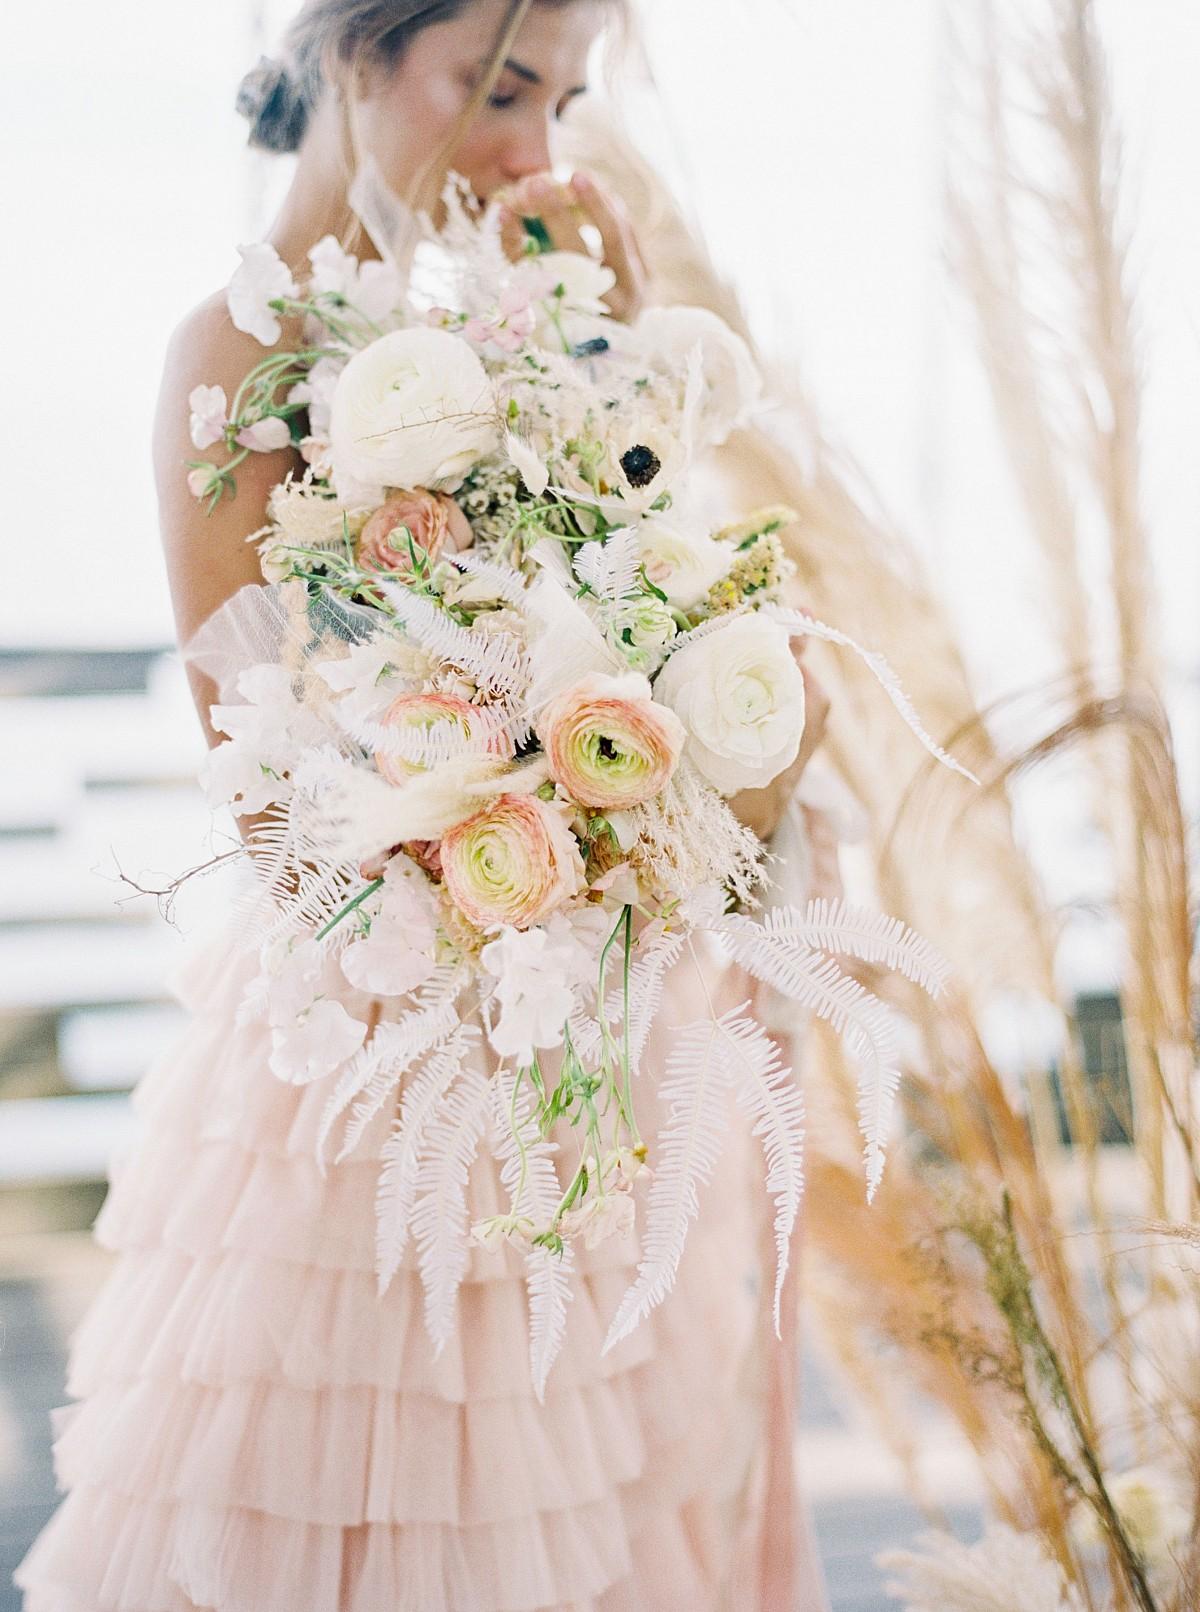 Statement wedding bouquets